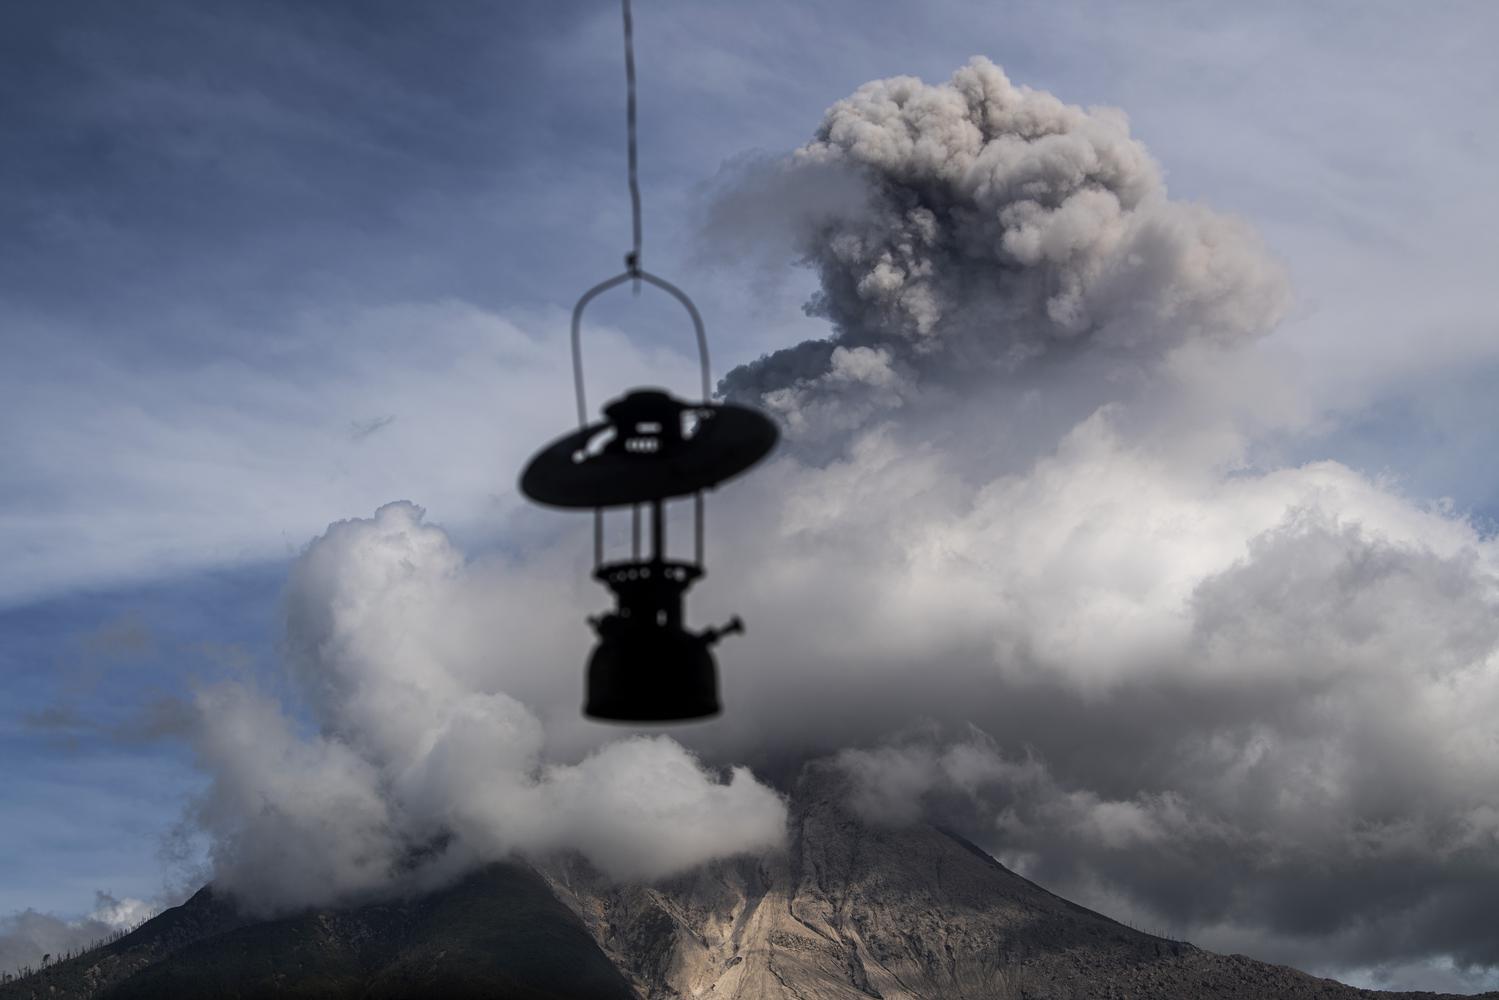 Gunung Sinabung menyemburkan material vulkanik saat erupsi di Desa Tigapancur, Simpang Empat, Karo, Sumatera Utara, Kamis (25/2/2021). Gunung Sinabung erupsi dengan tinggi kolom 1.500 meter di atas puncak atau sekitar 3.960 meter di atas permukaan laut.